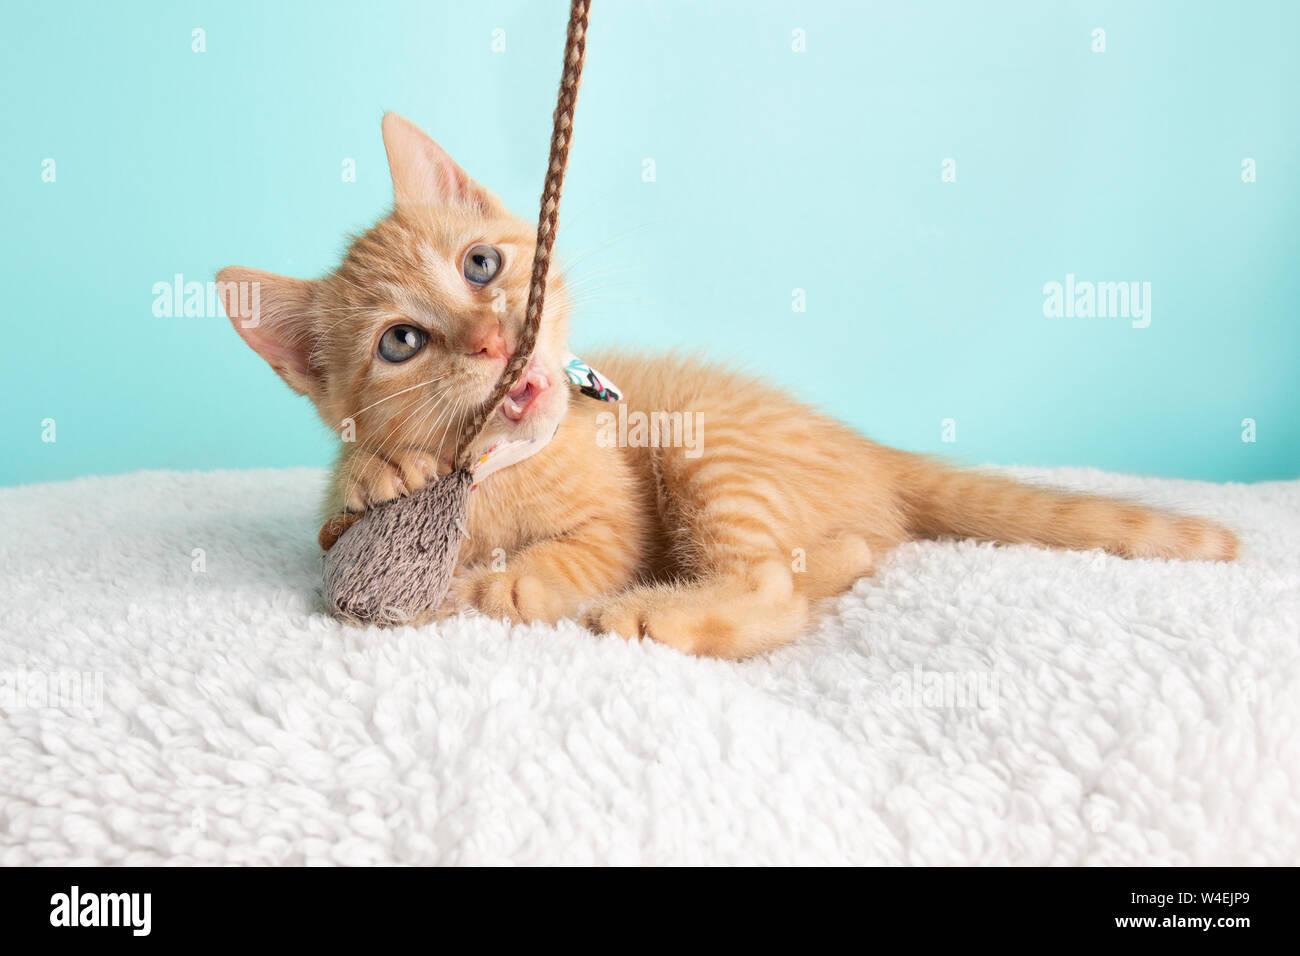 Carino giovane Orange Tabby Gattino Rescue indossando fiore bianco Bow Tie sdraiato cercando di giocare e mordere il mouse e la stringa giocattolo sul Backgroun blu Foto Stock